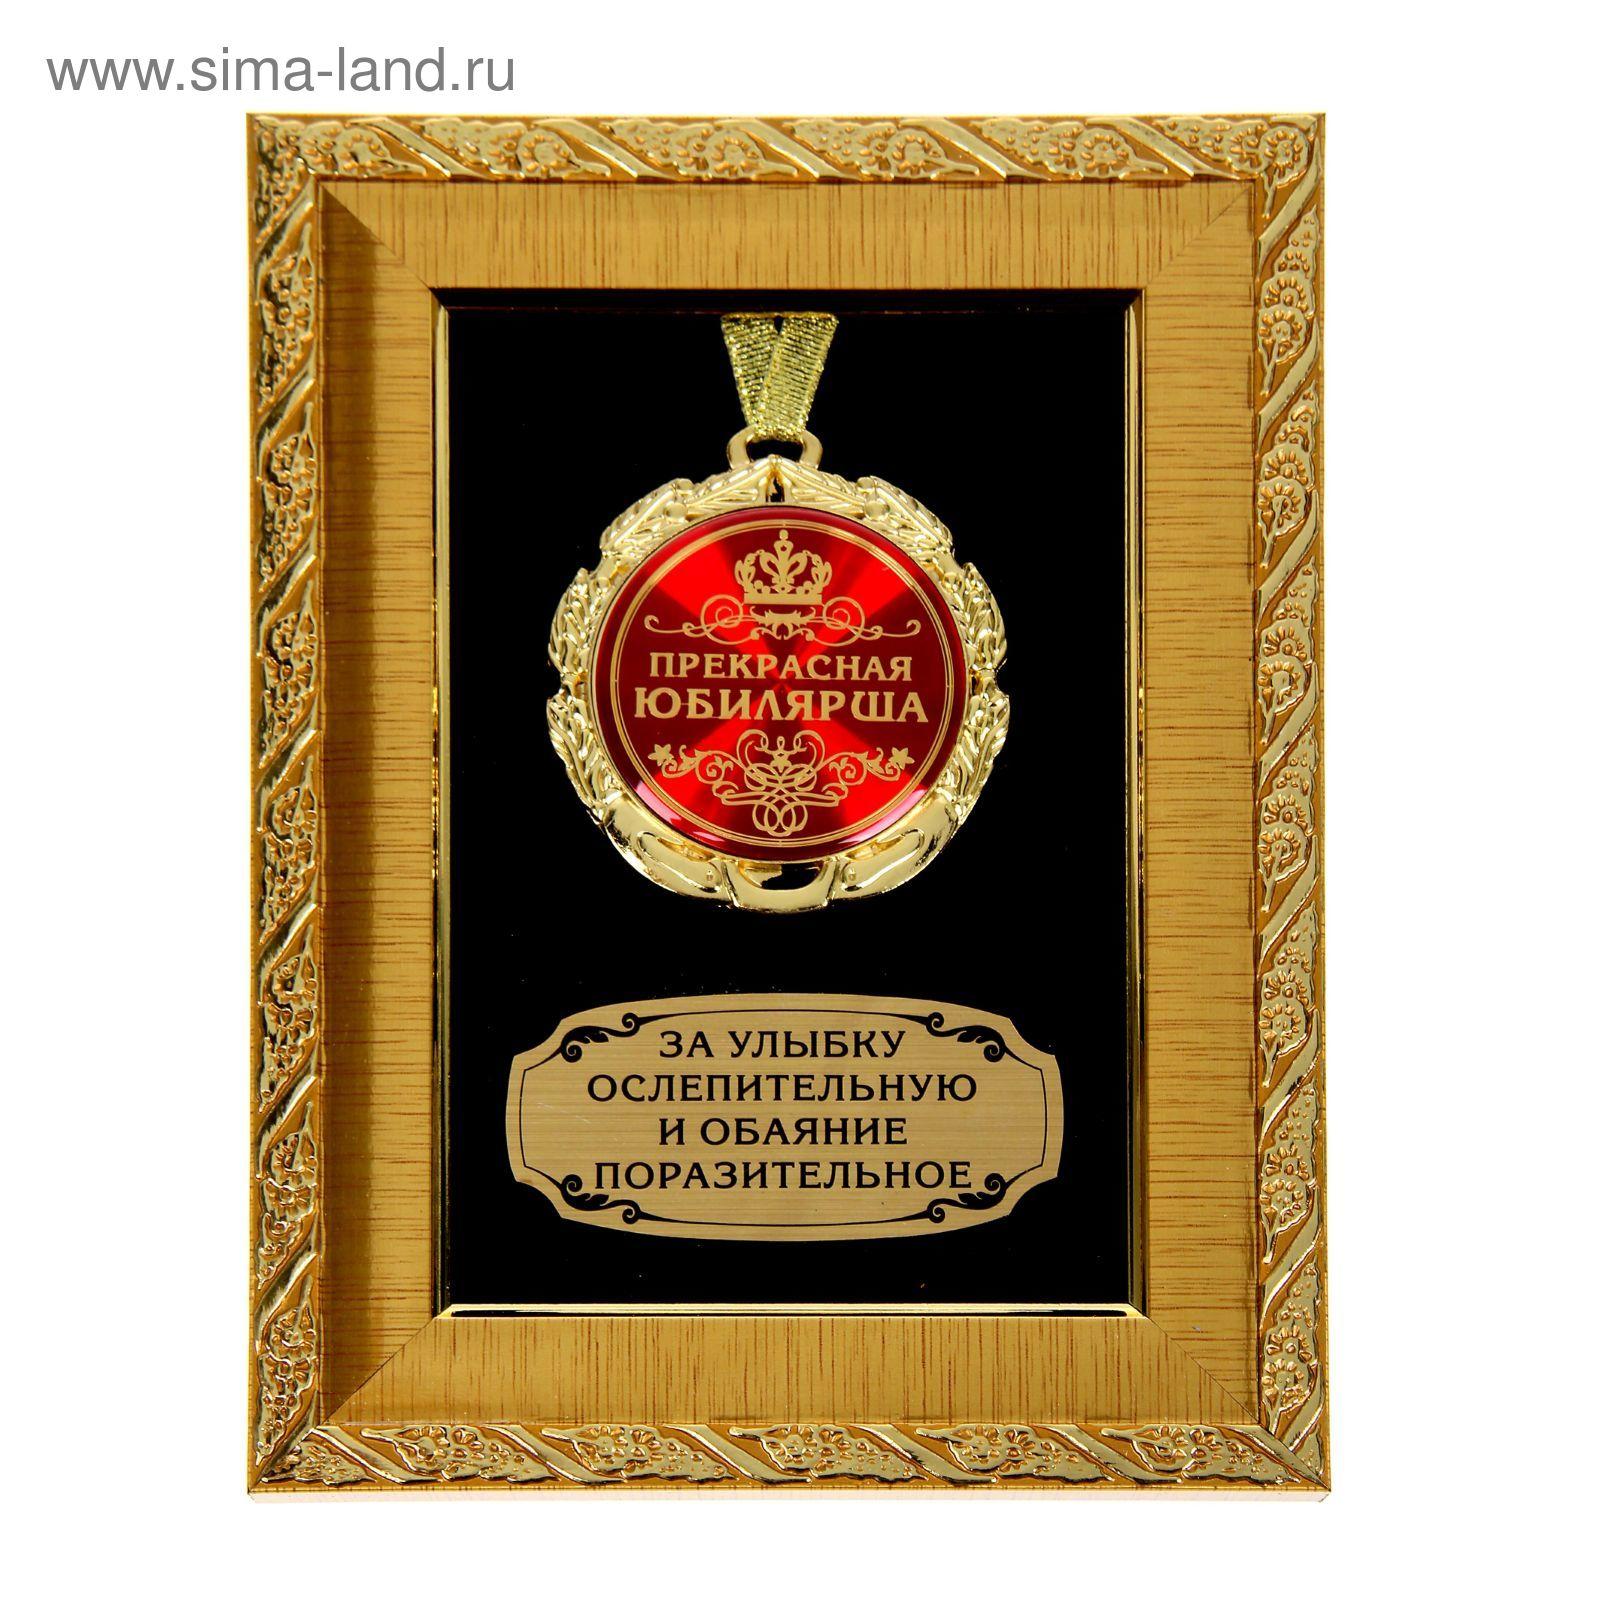 Медаль с поздравлением юбилярше фото 810